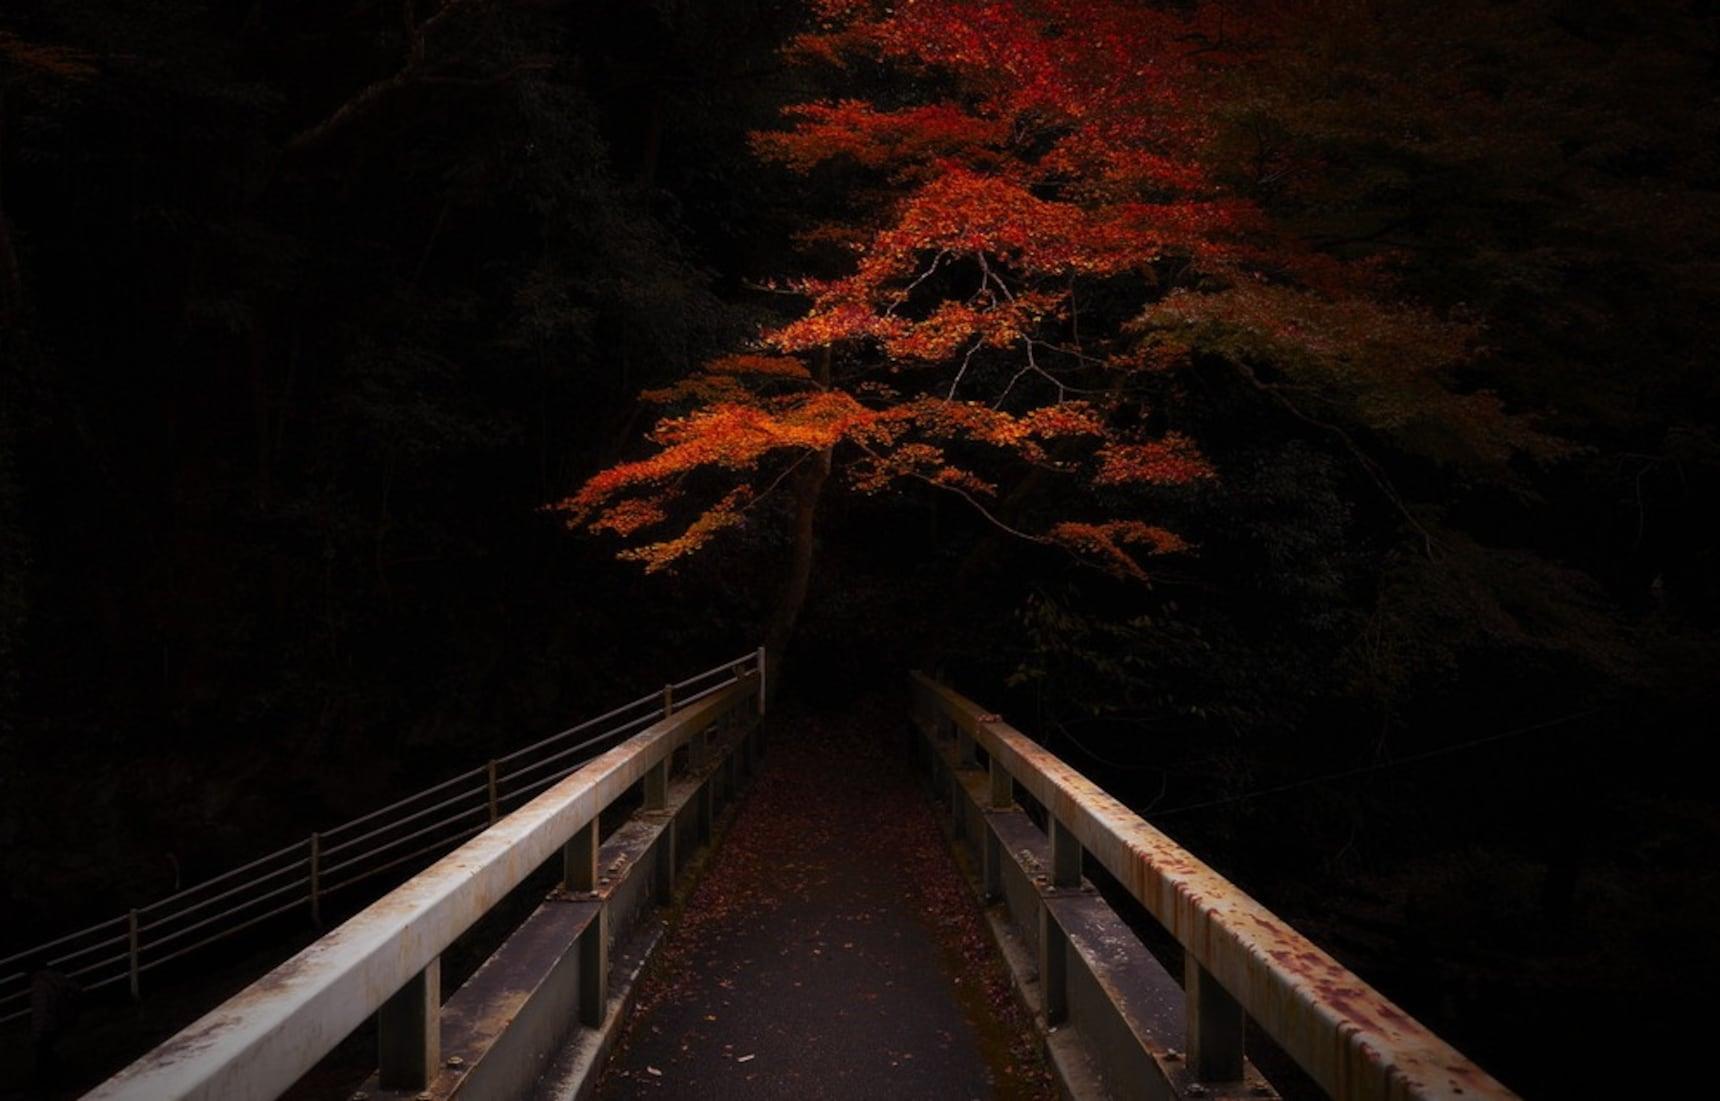 暗物质 - 和摄影师小川康博一起迷失京都